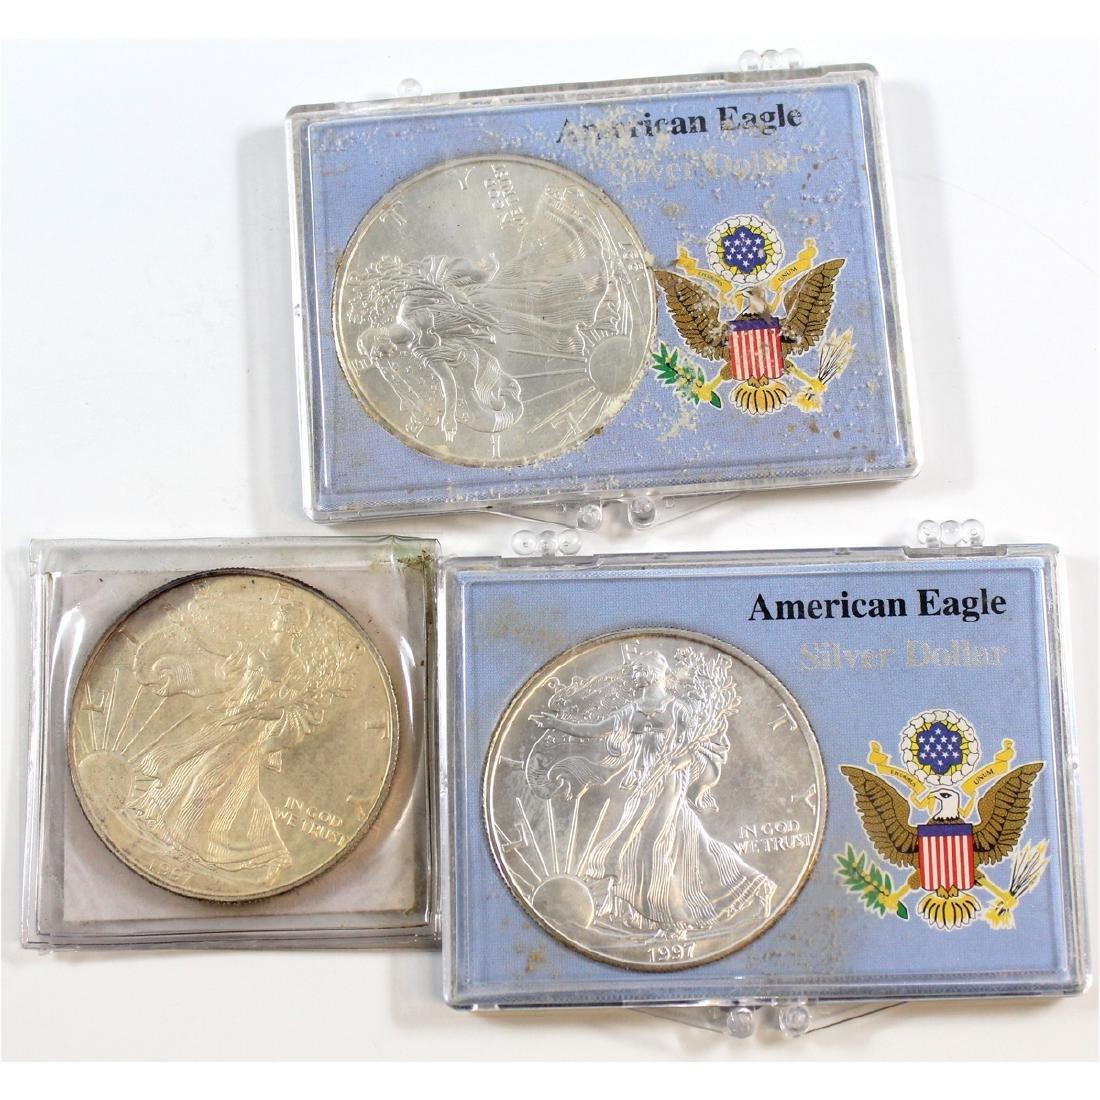 Lot of 3x 1997 American Eagle 1oz .999 Fine Silver